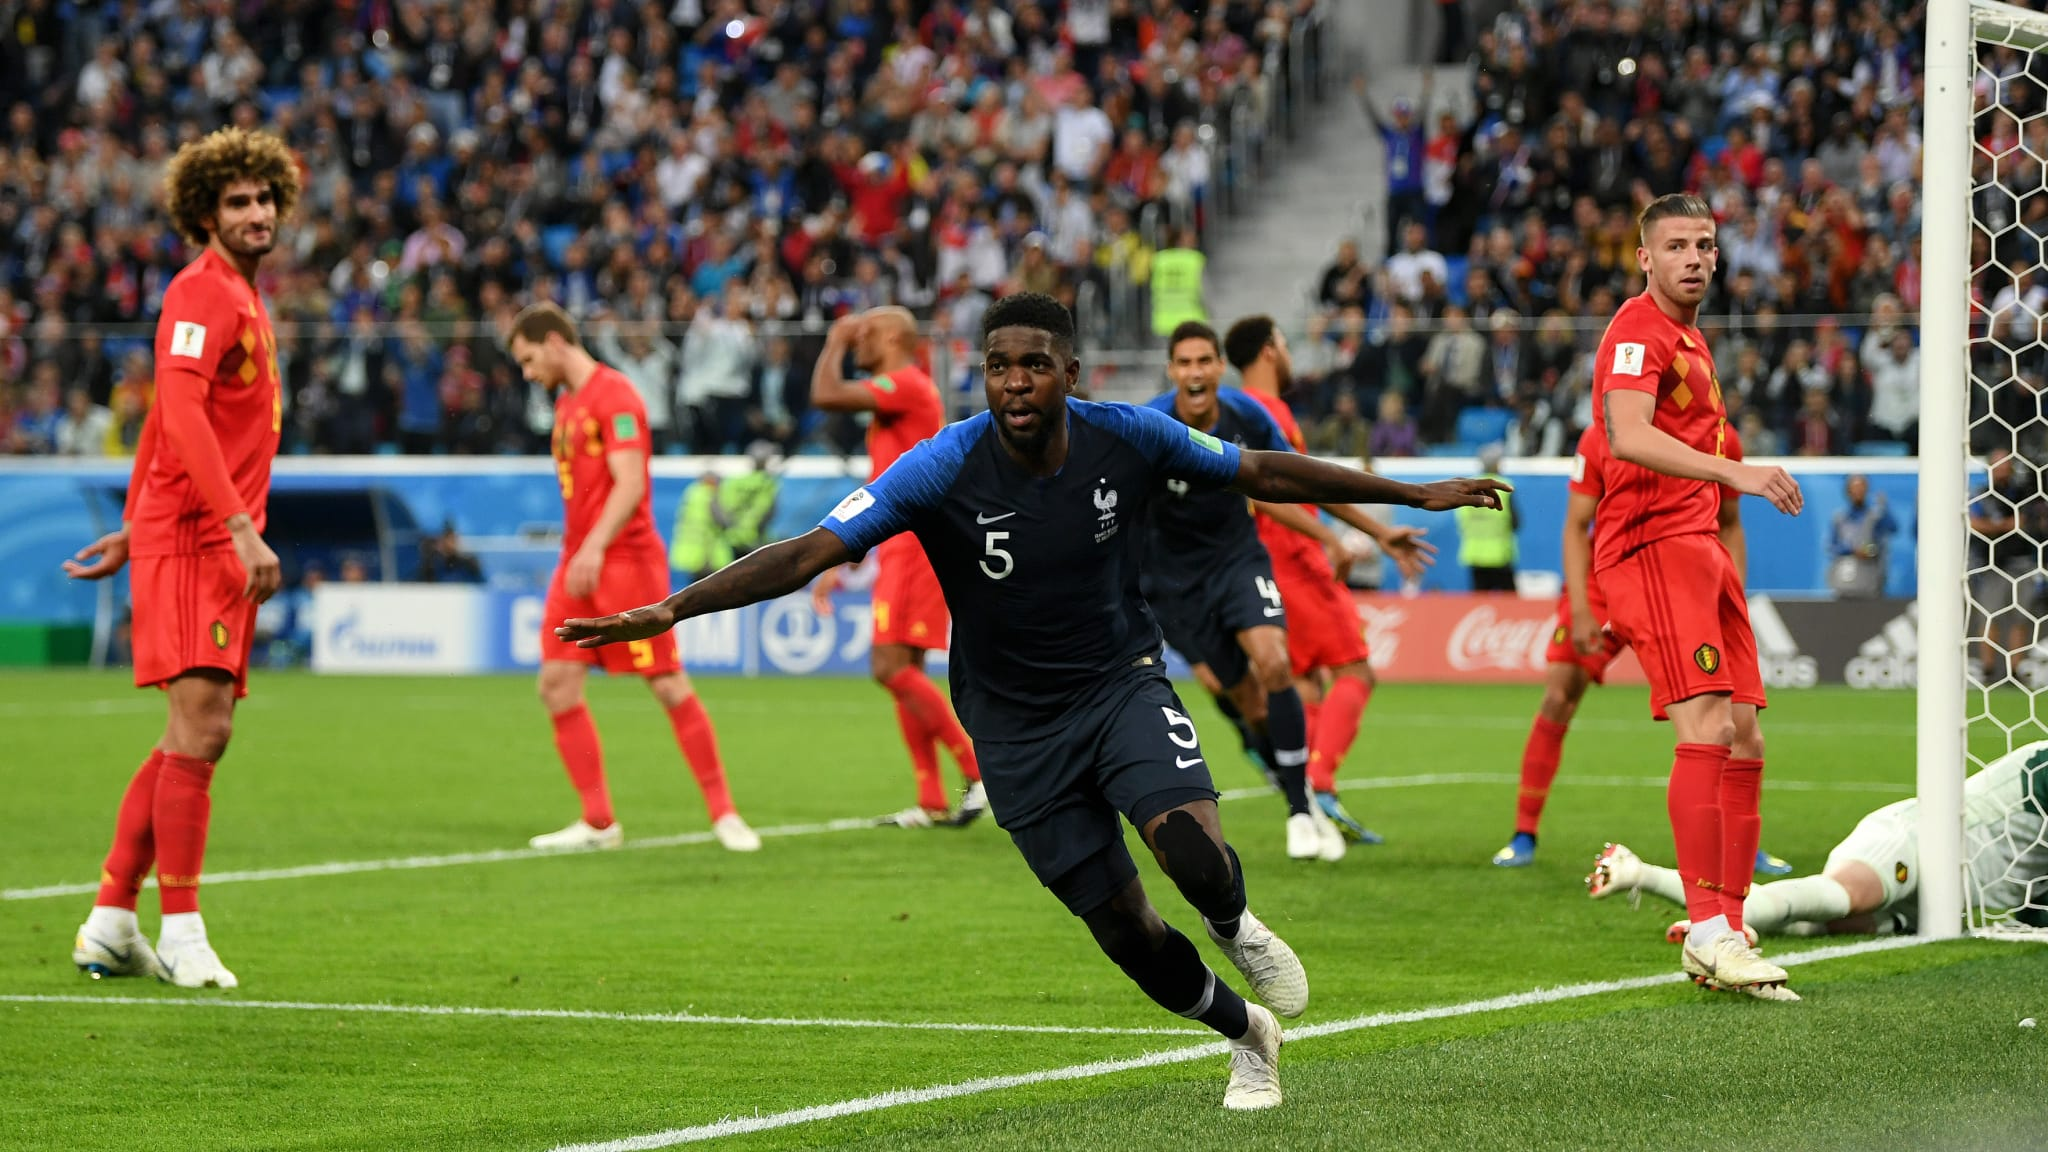 Samuel Umtiti marcó la diferencia en ataque y fue una roca en defensa, por lo que su actuación fue clave para que Francia esté en la final